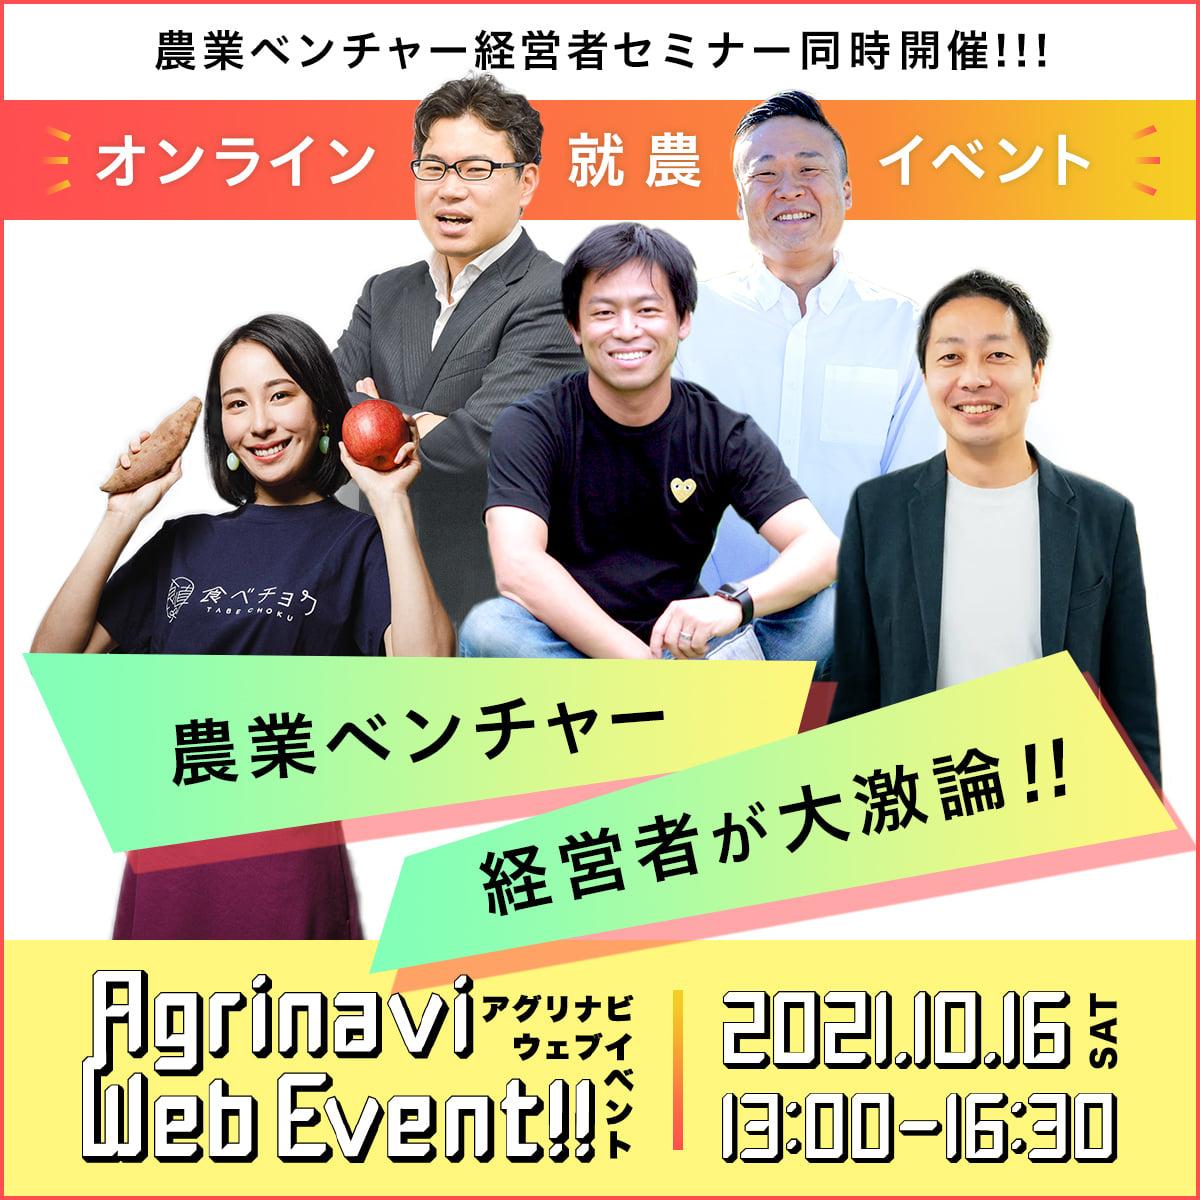 【あぐりナビ】農業ベンチャー経営者セミナー